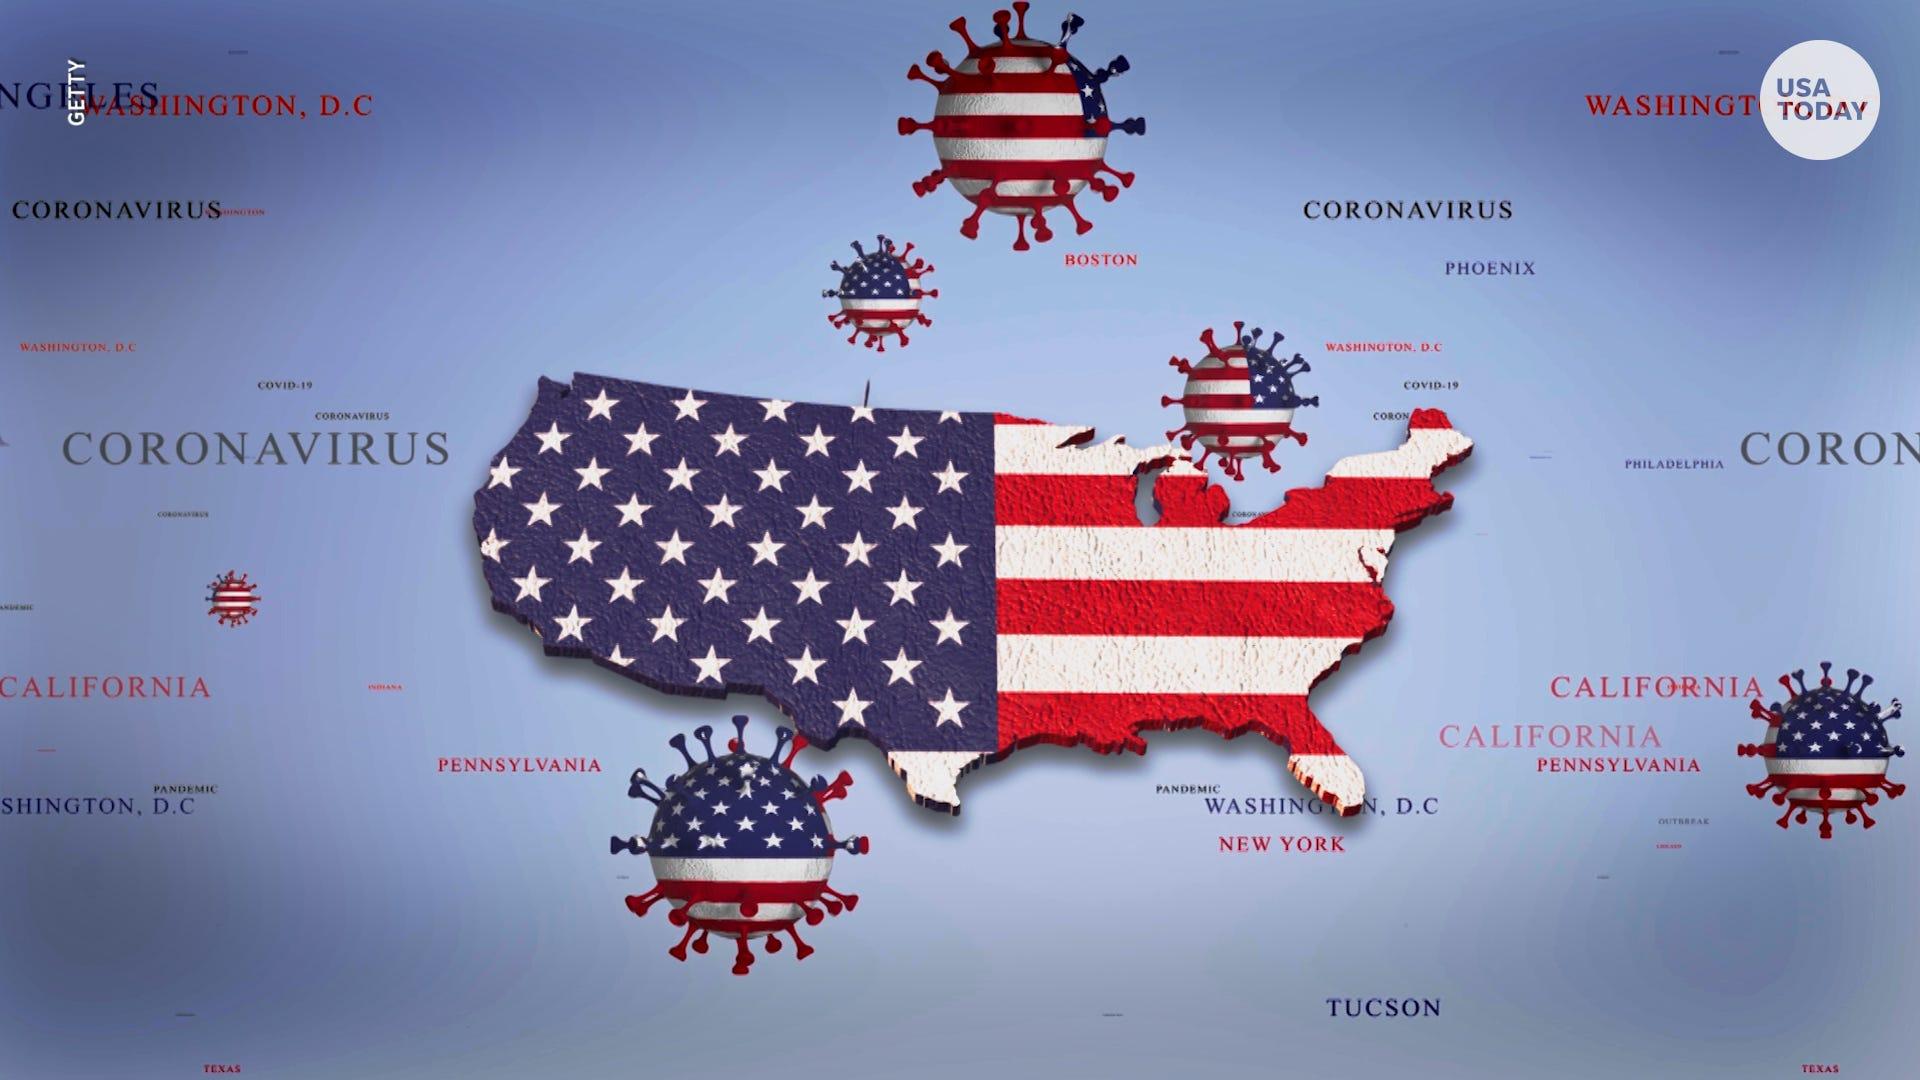 US Corona - آمریکا تا سه ماه آینده یک سوم جمعیت خود را در برابر کرونا ایمن می کند